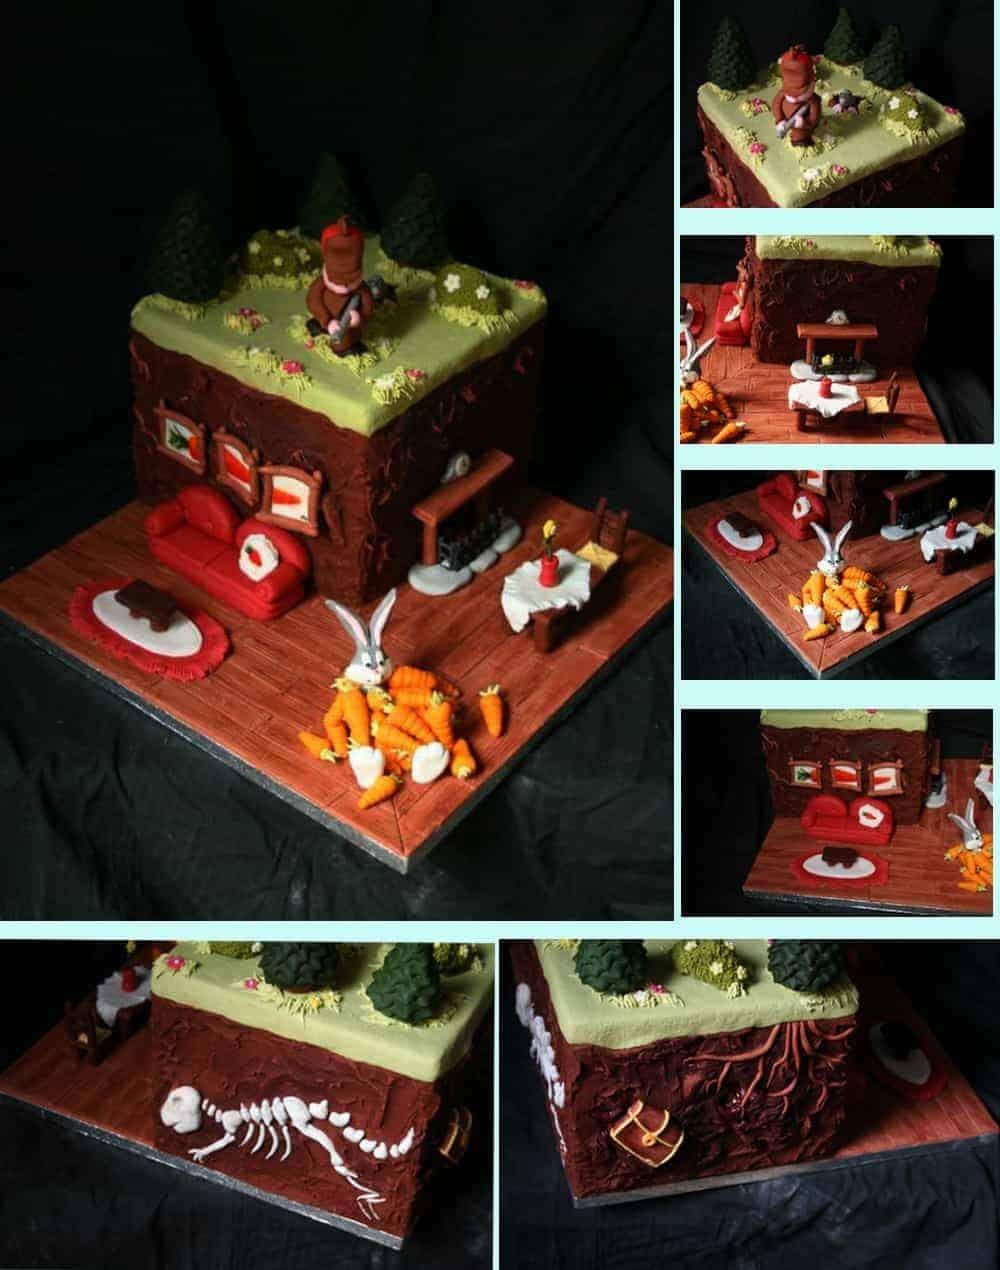 Award Winning Cake